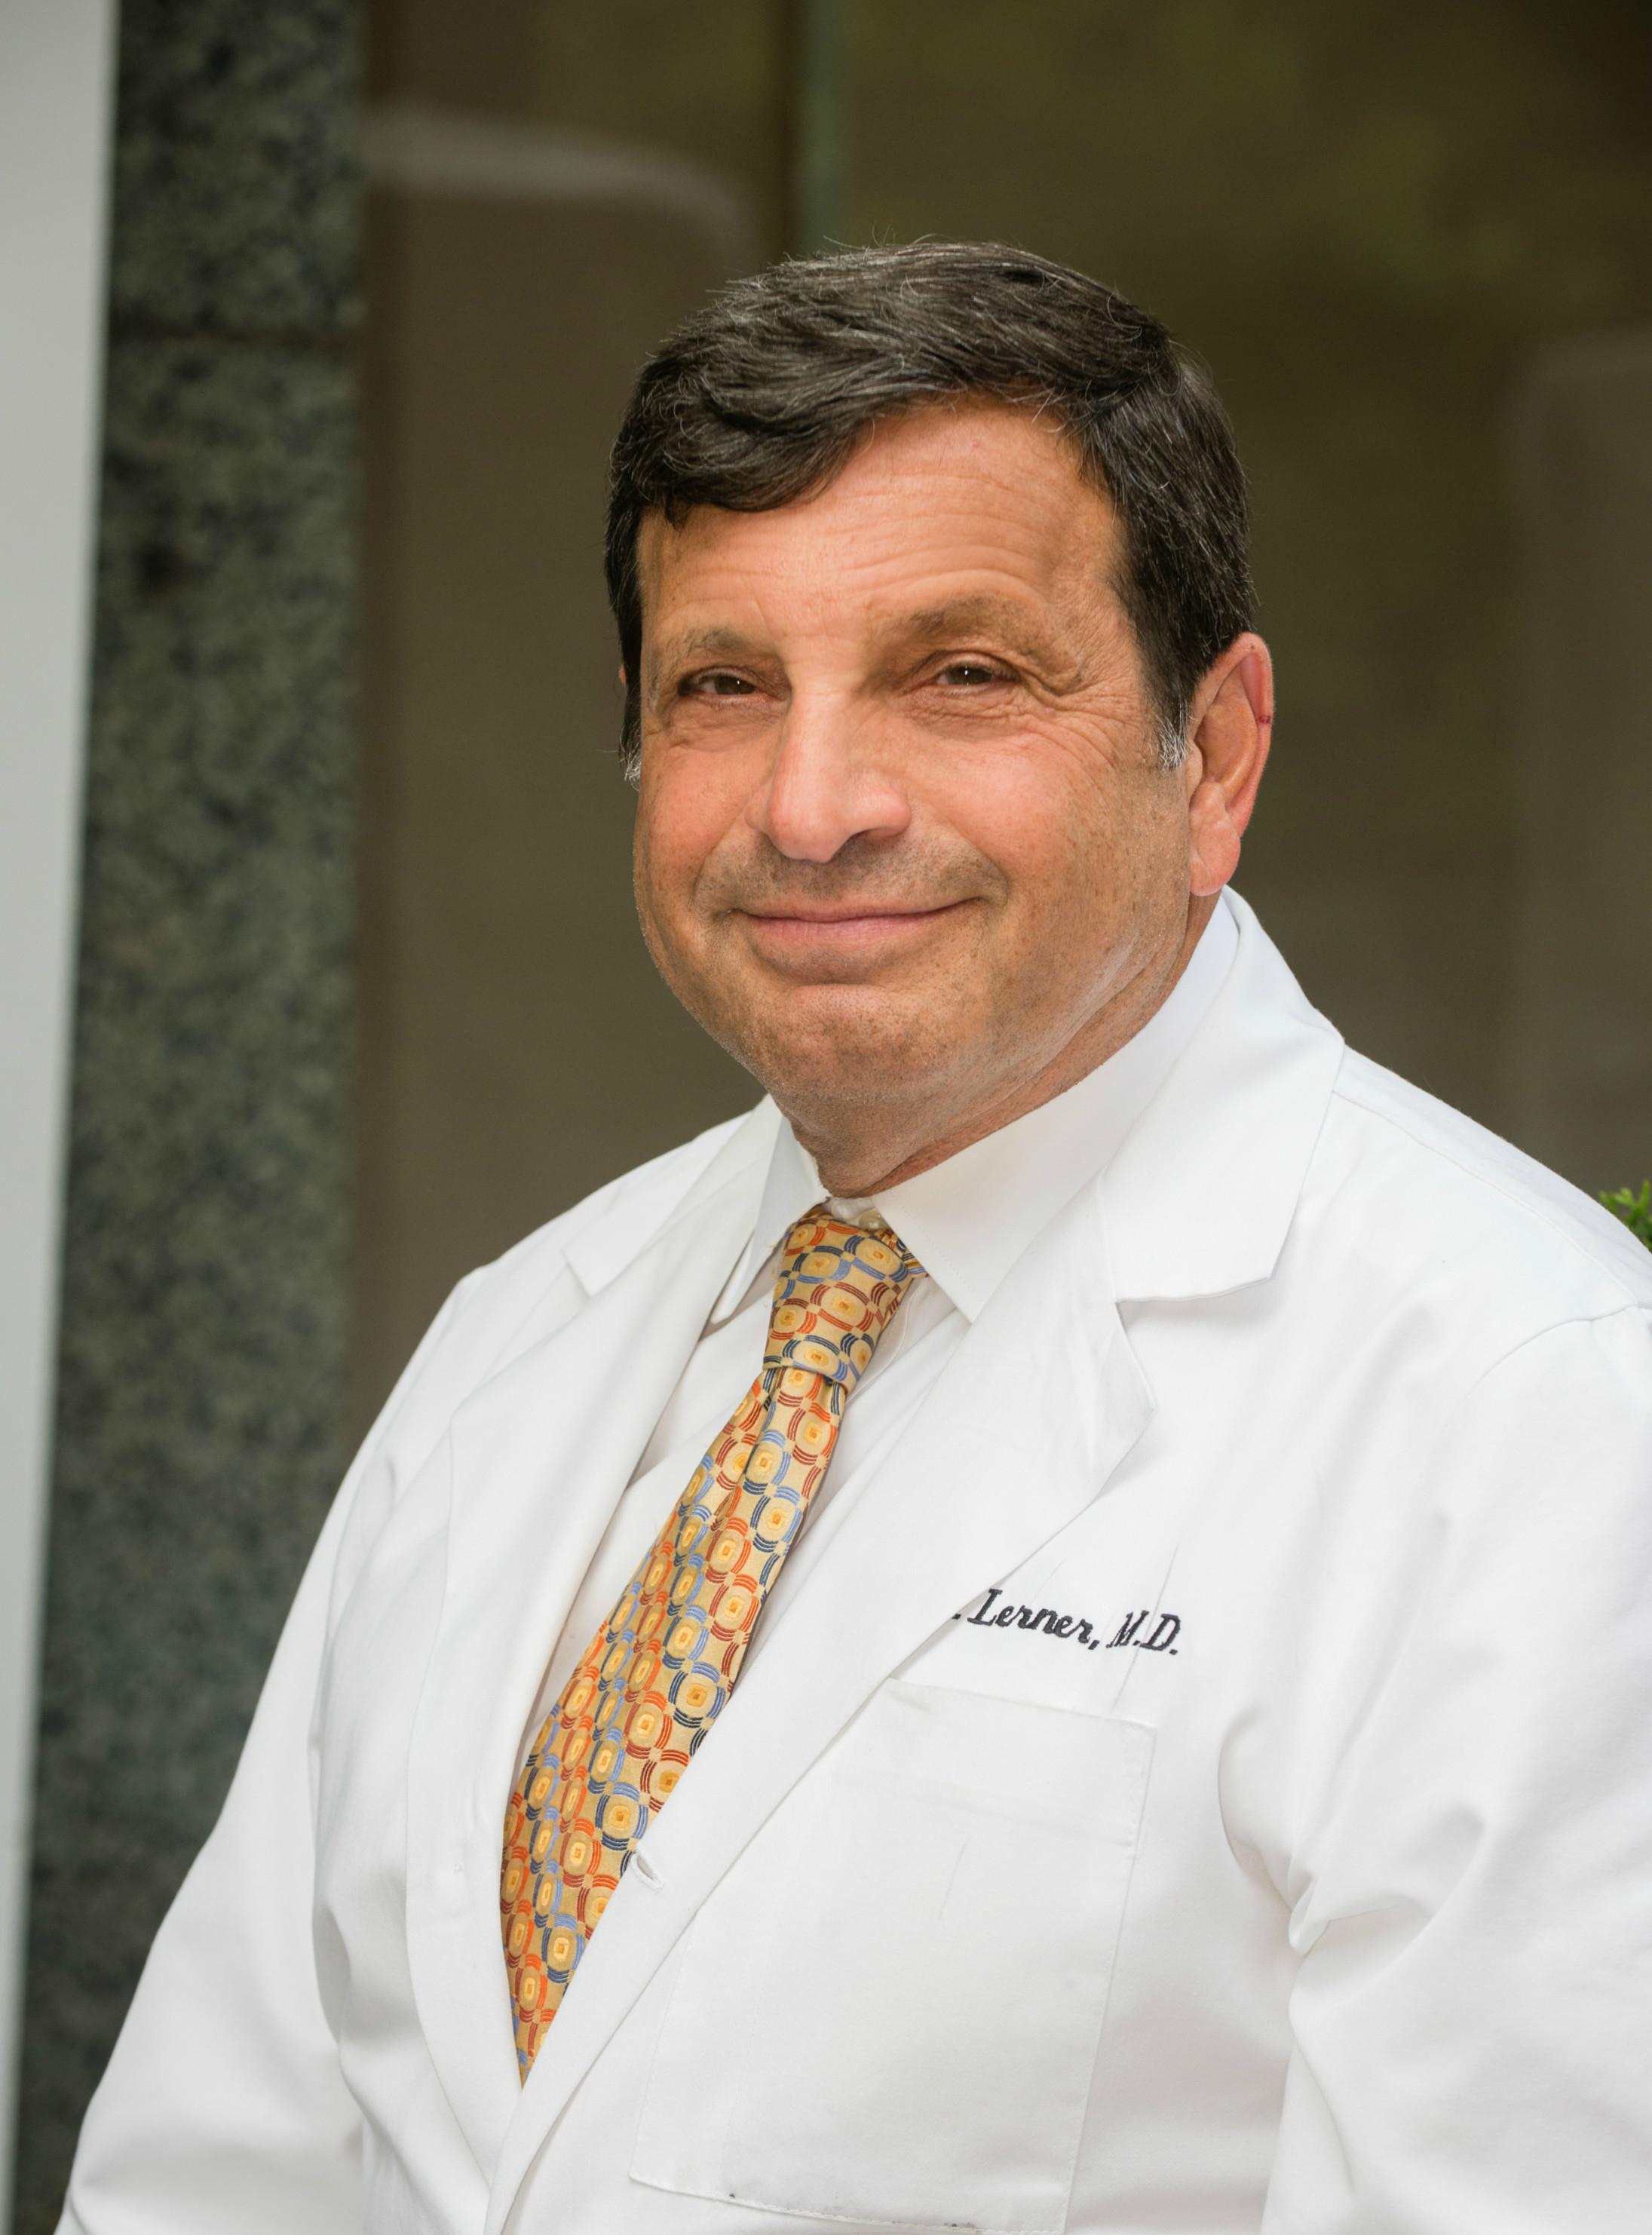 Steven Lerner, MD PC